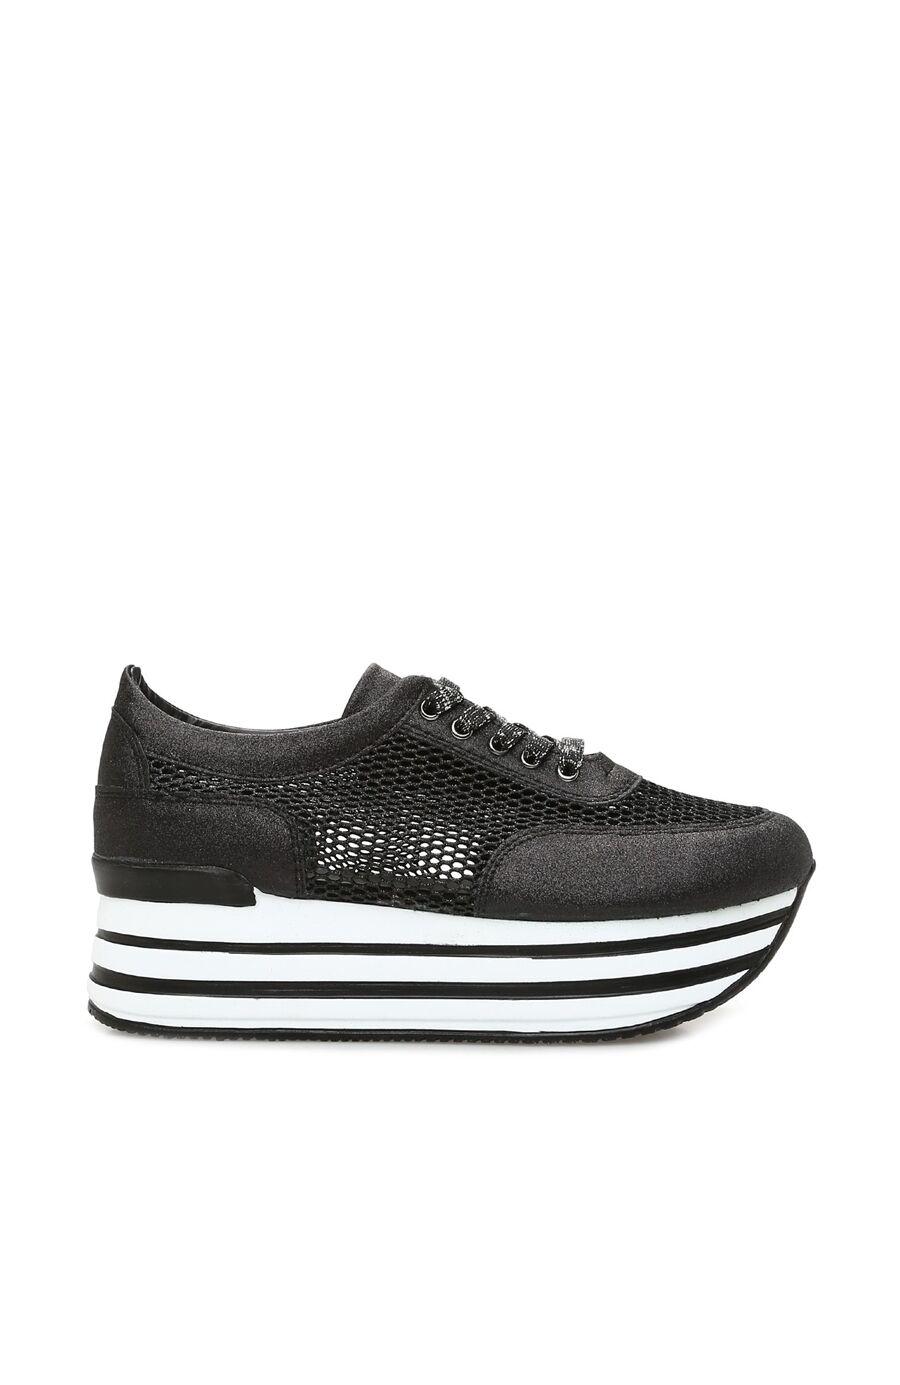 Gıro Siyah Sneaker – 399.0 TL